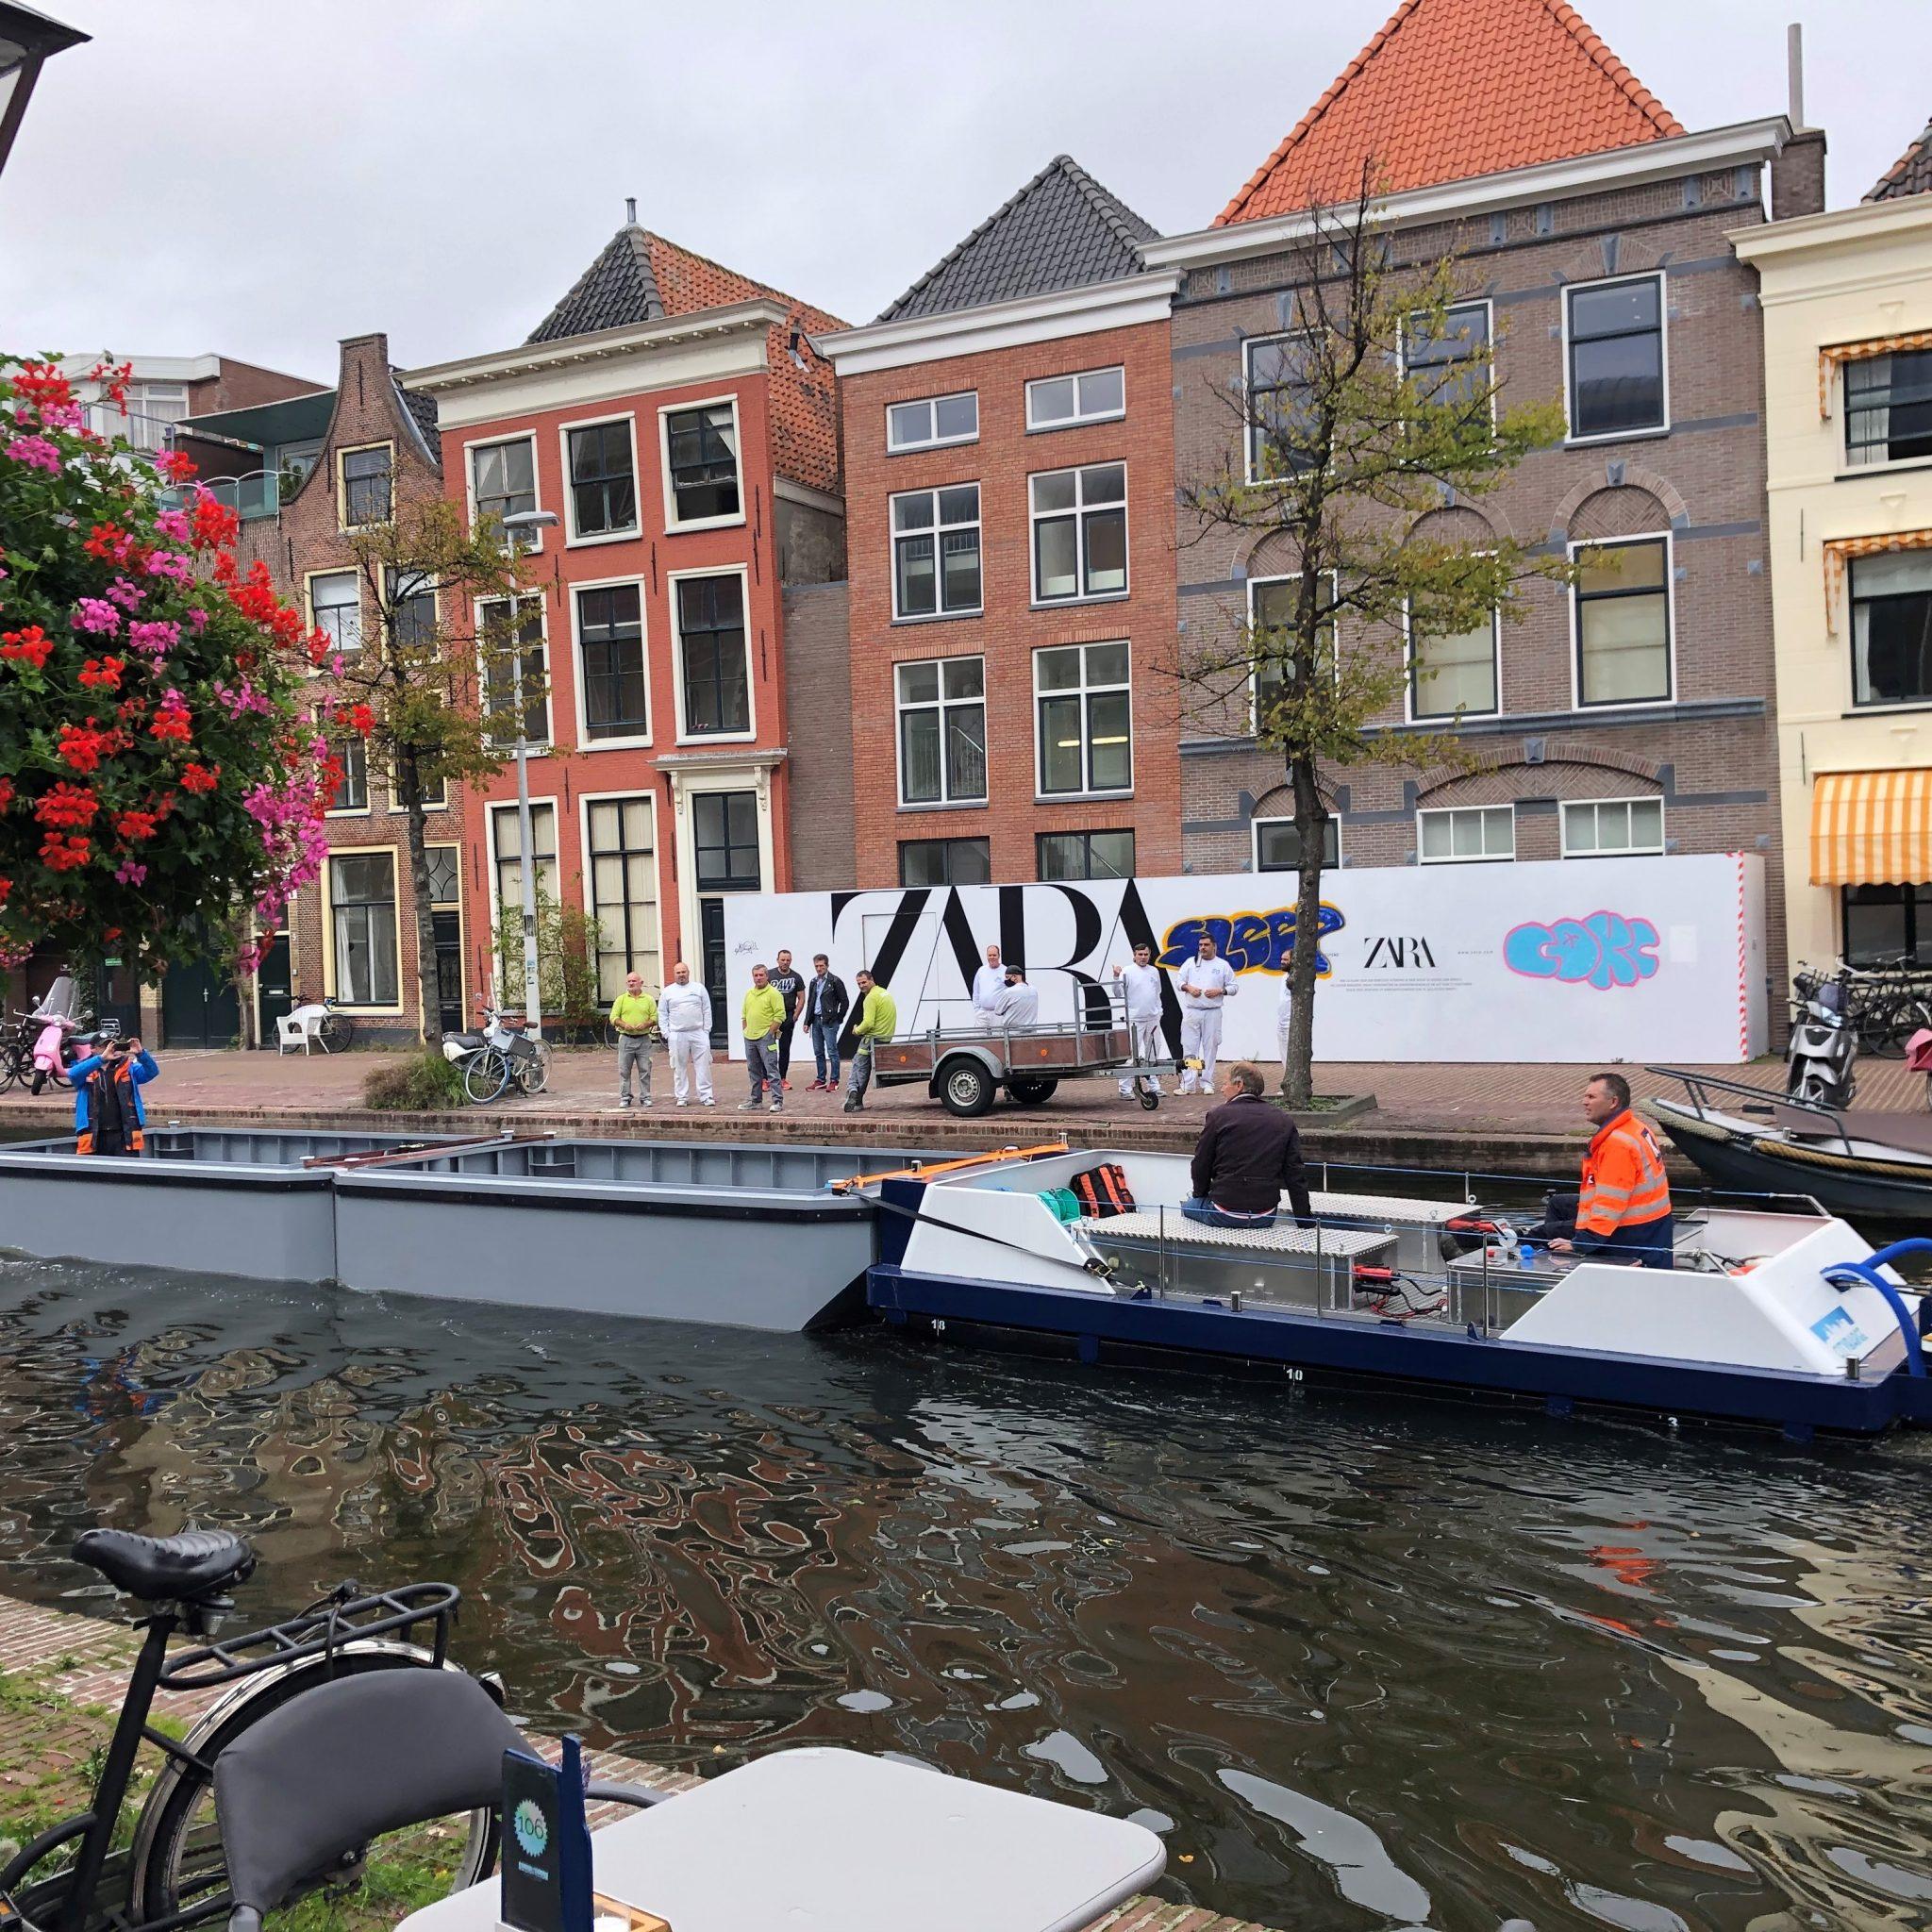 De CityBarge One van Kotug in actie in Leiden (Foto Kotug)